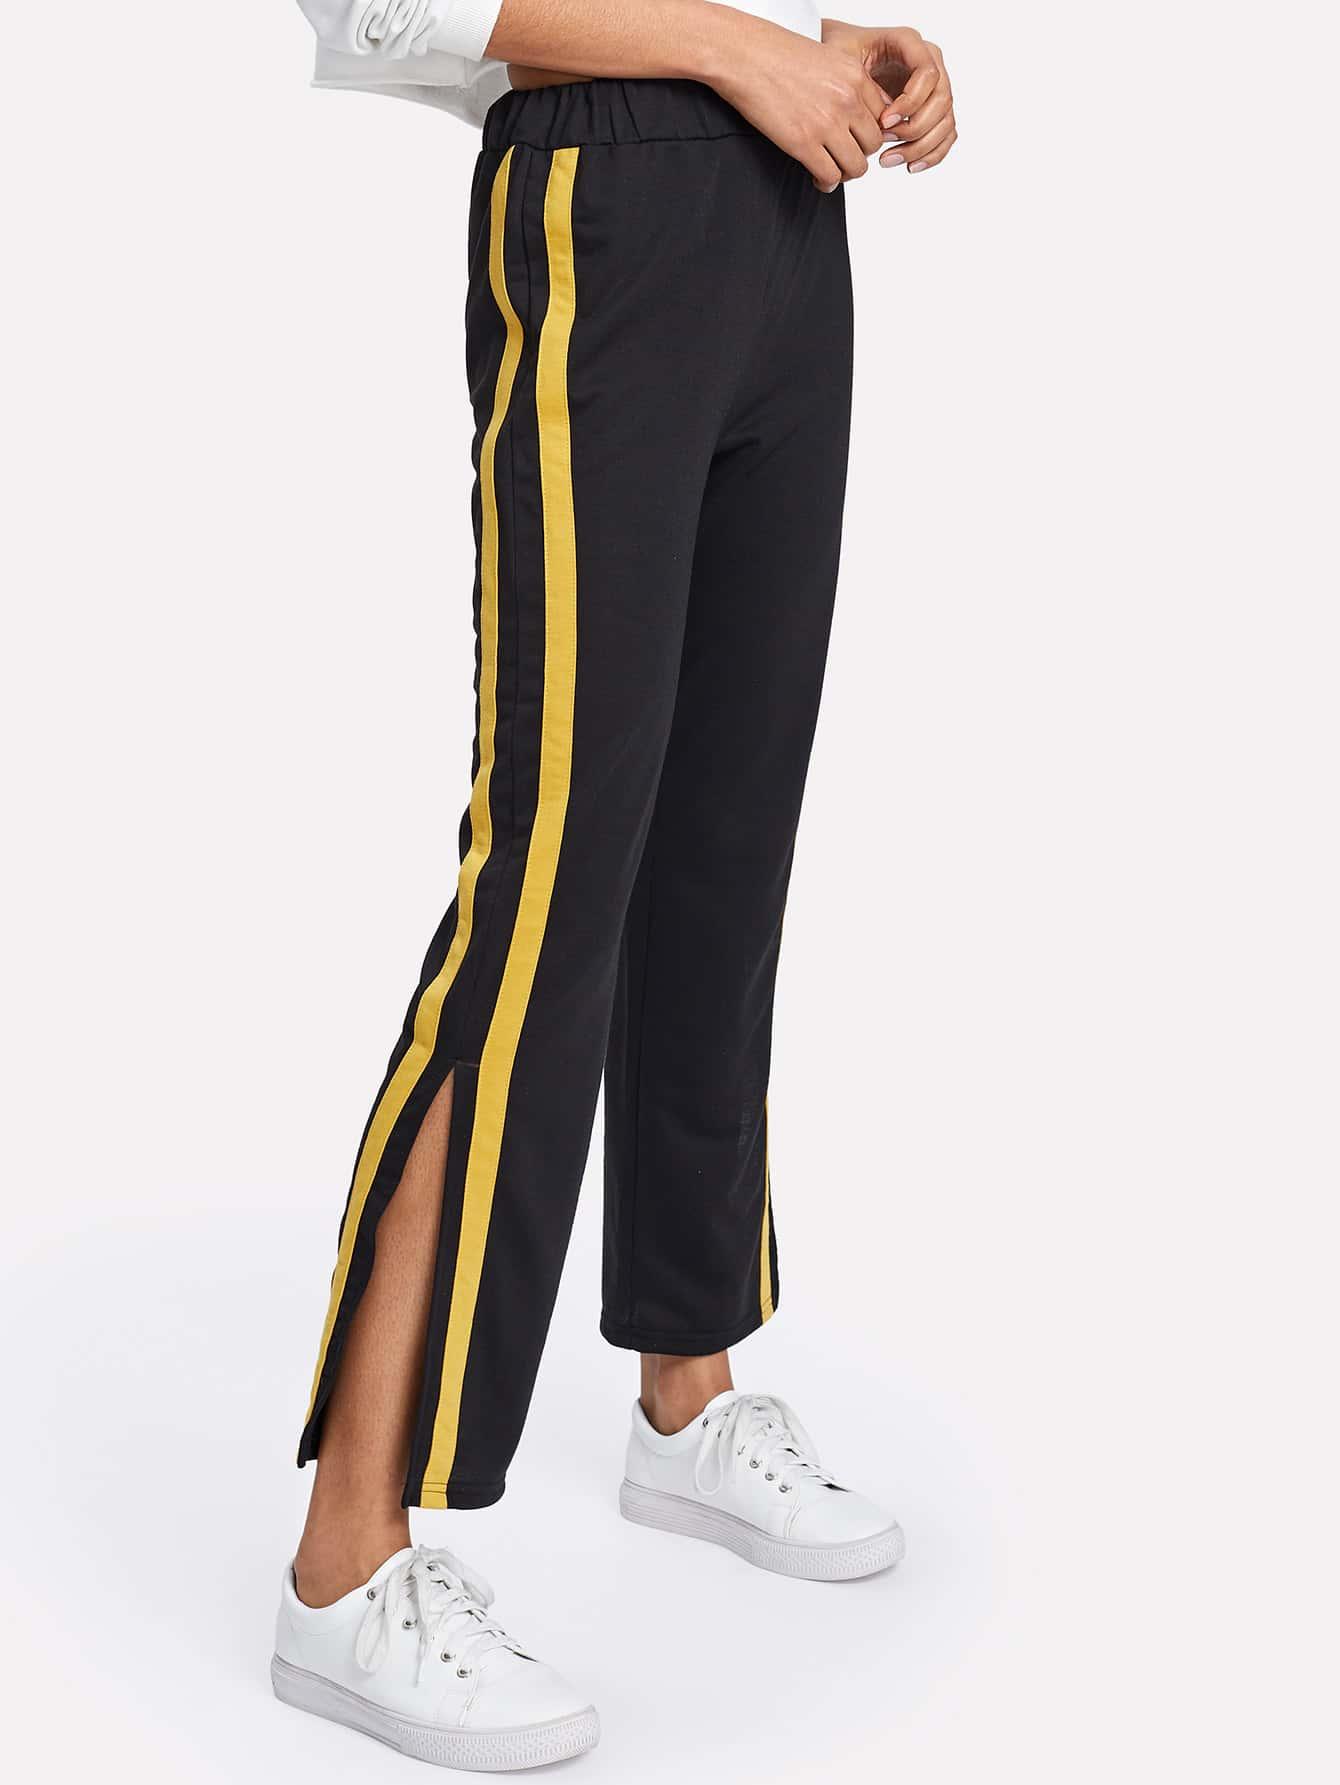 Striped Tape Split Side Pants striped tape side cuffed pants